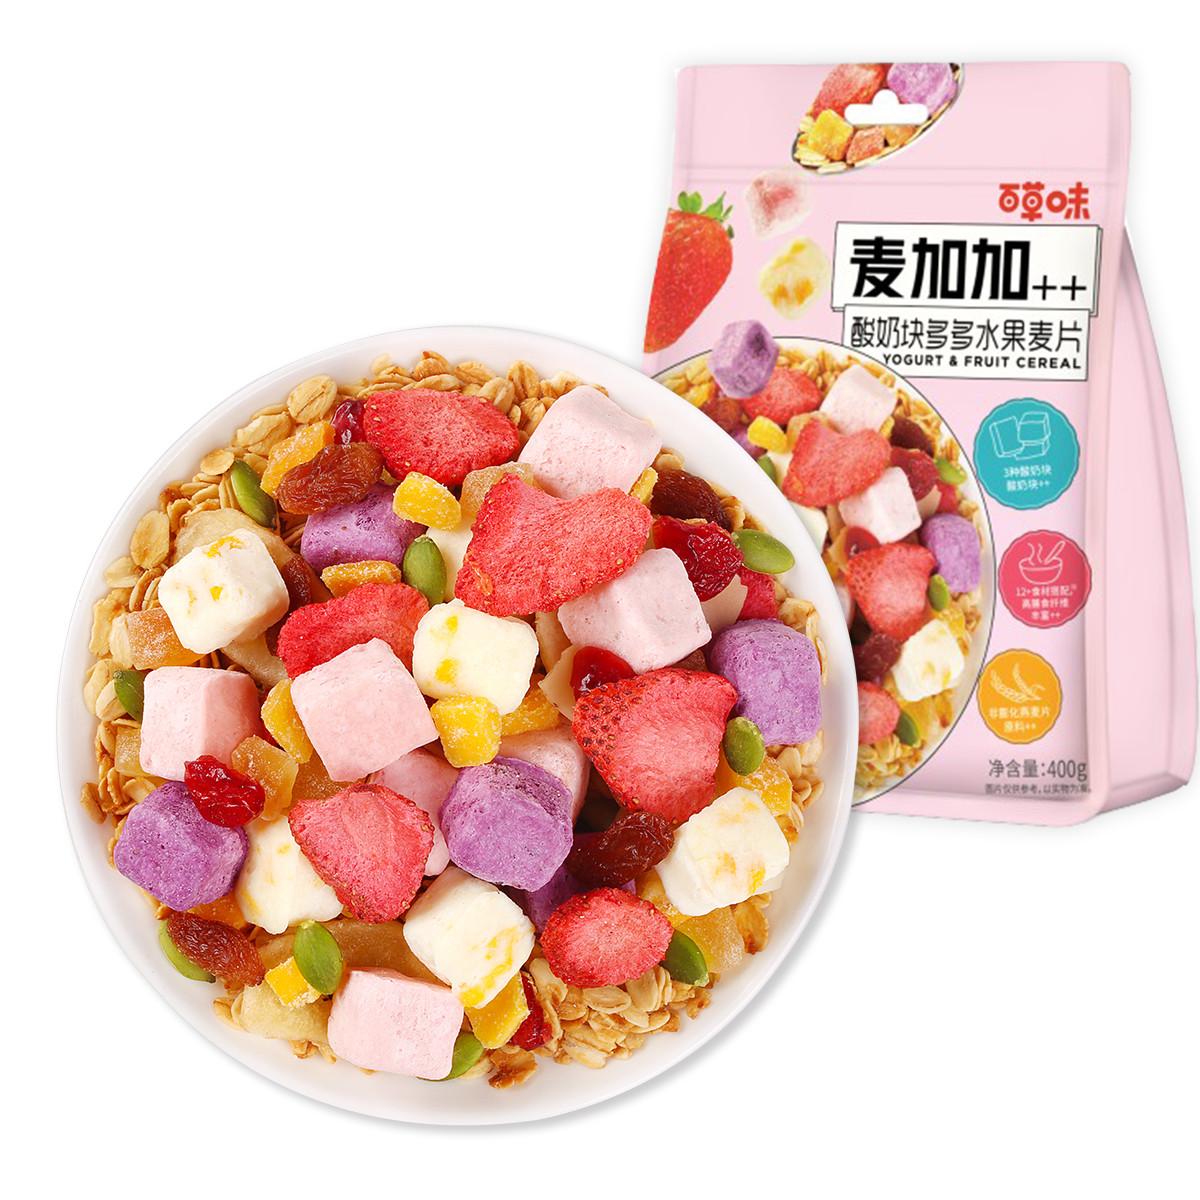 百草味 酸奶塊水果非油炸麥片400gx2袋 低糖營養燕麥片代餐